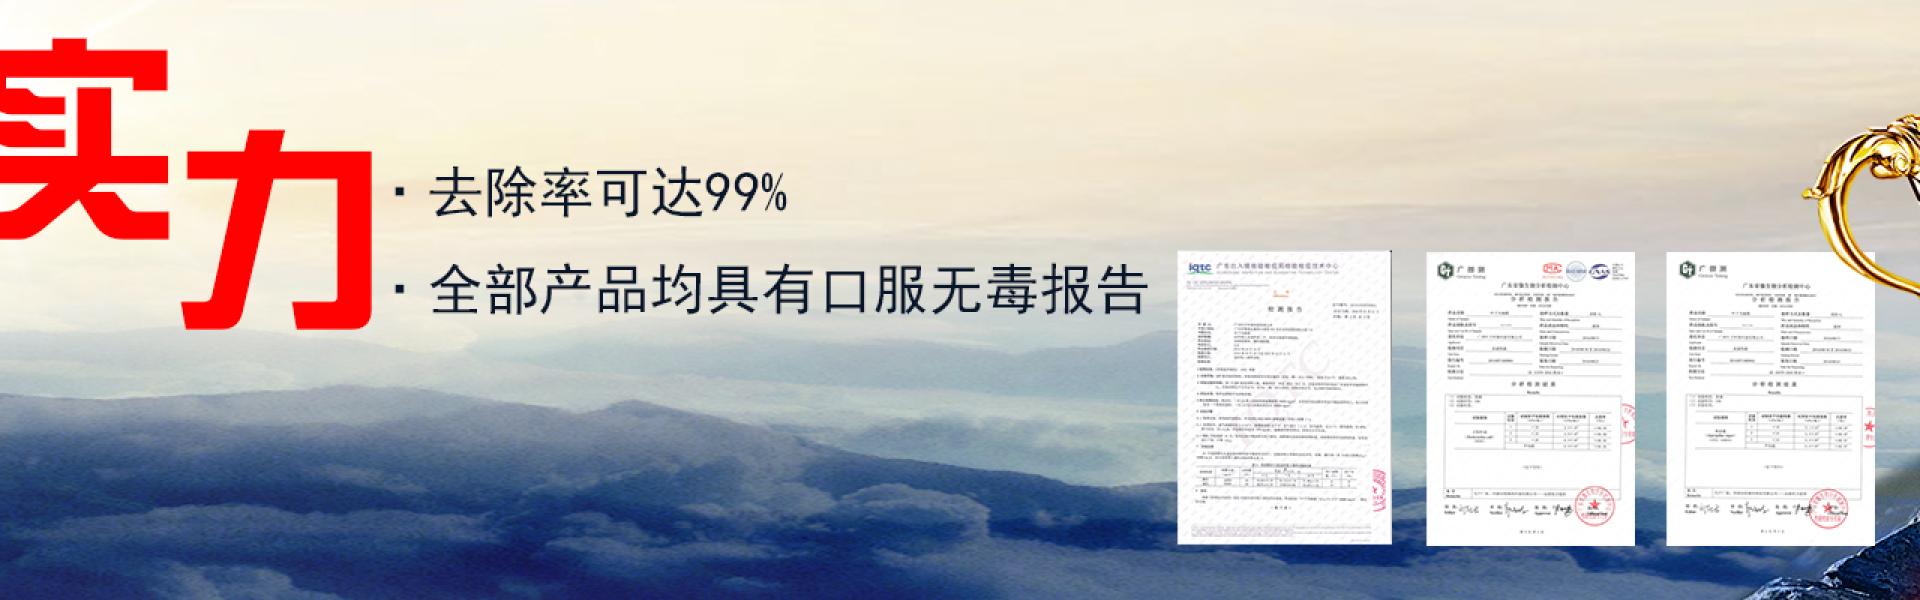 武汉除甲醛产品检测报告